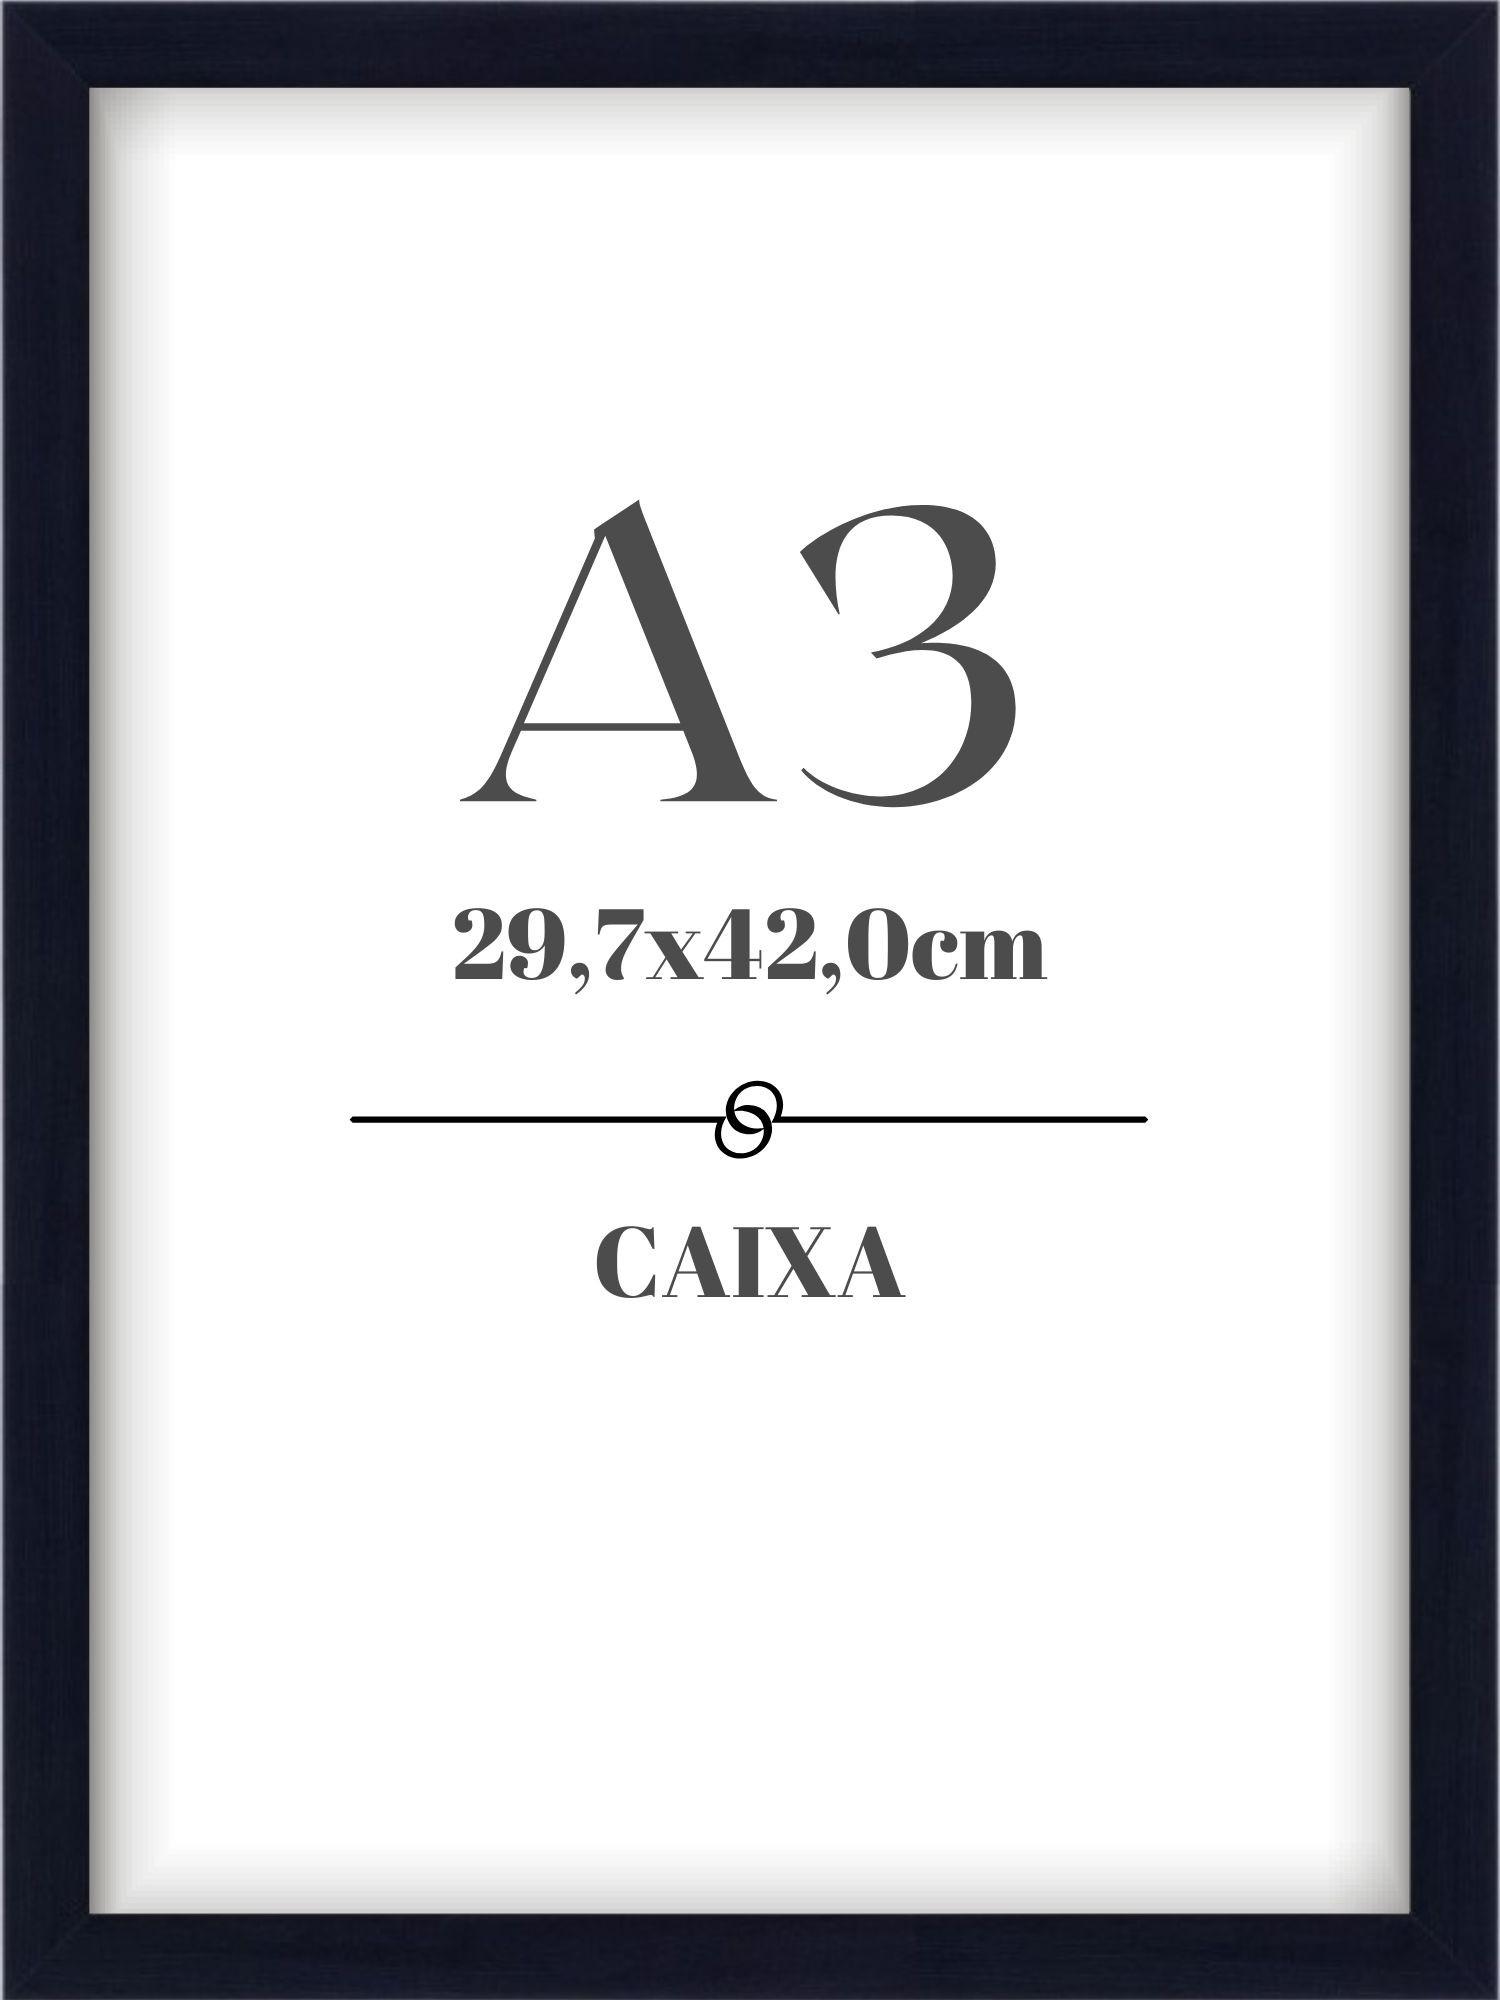 Moldura Caixa - A3